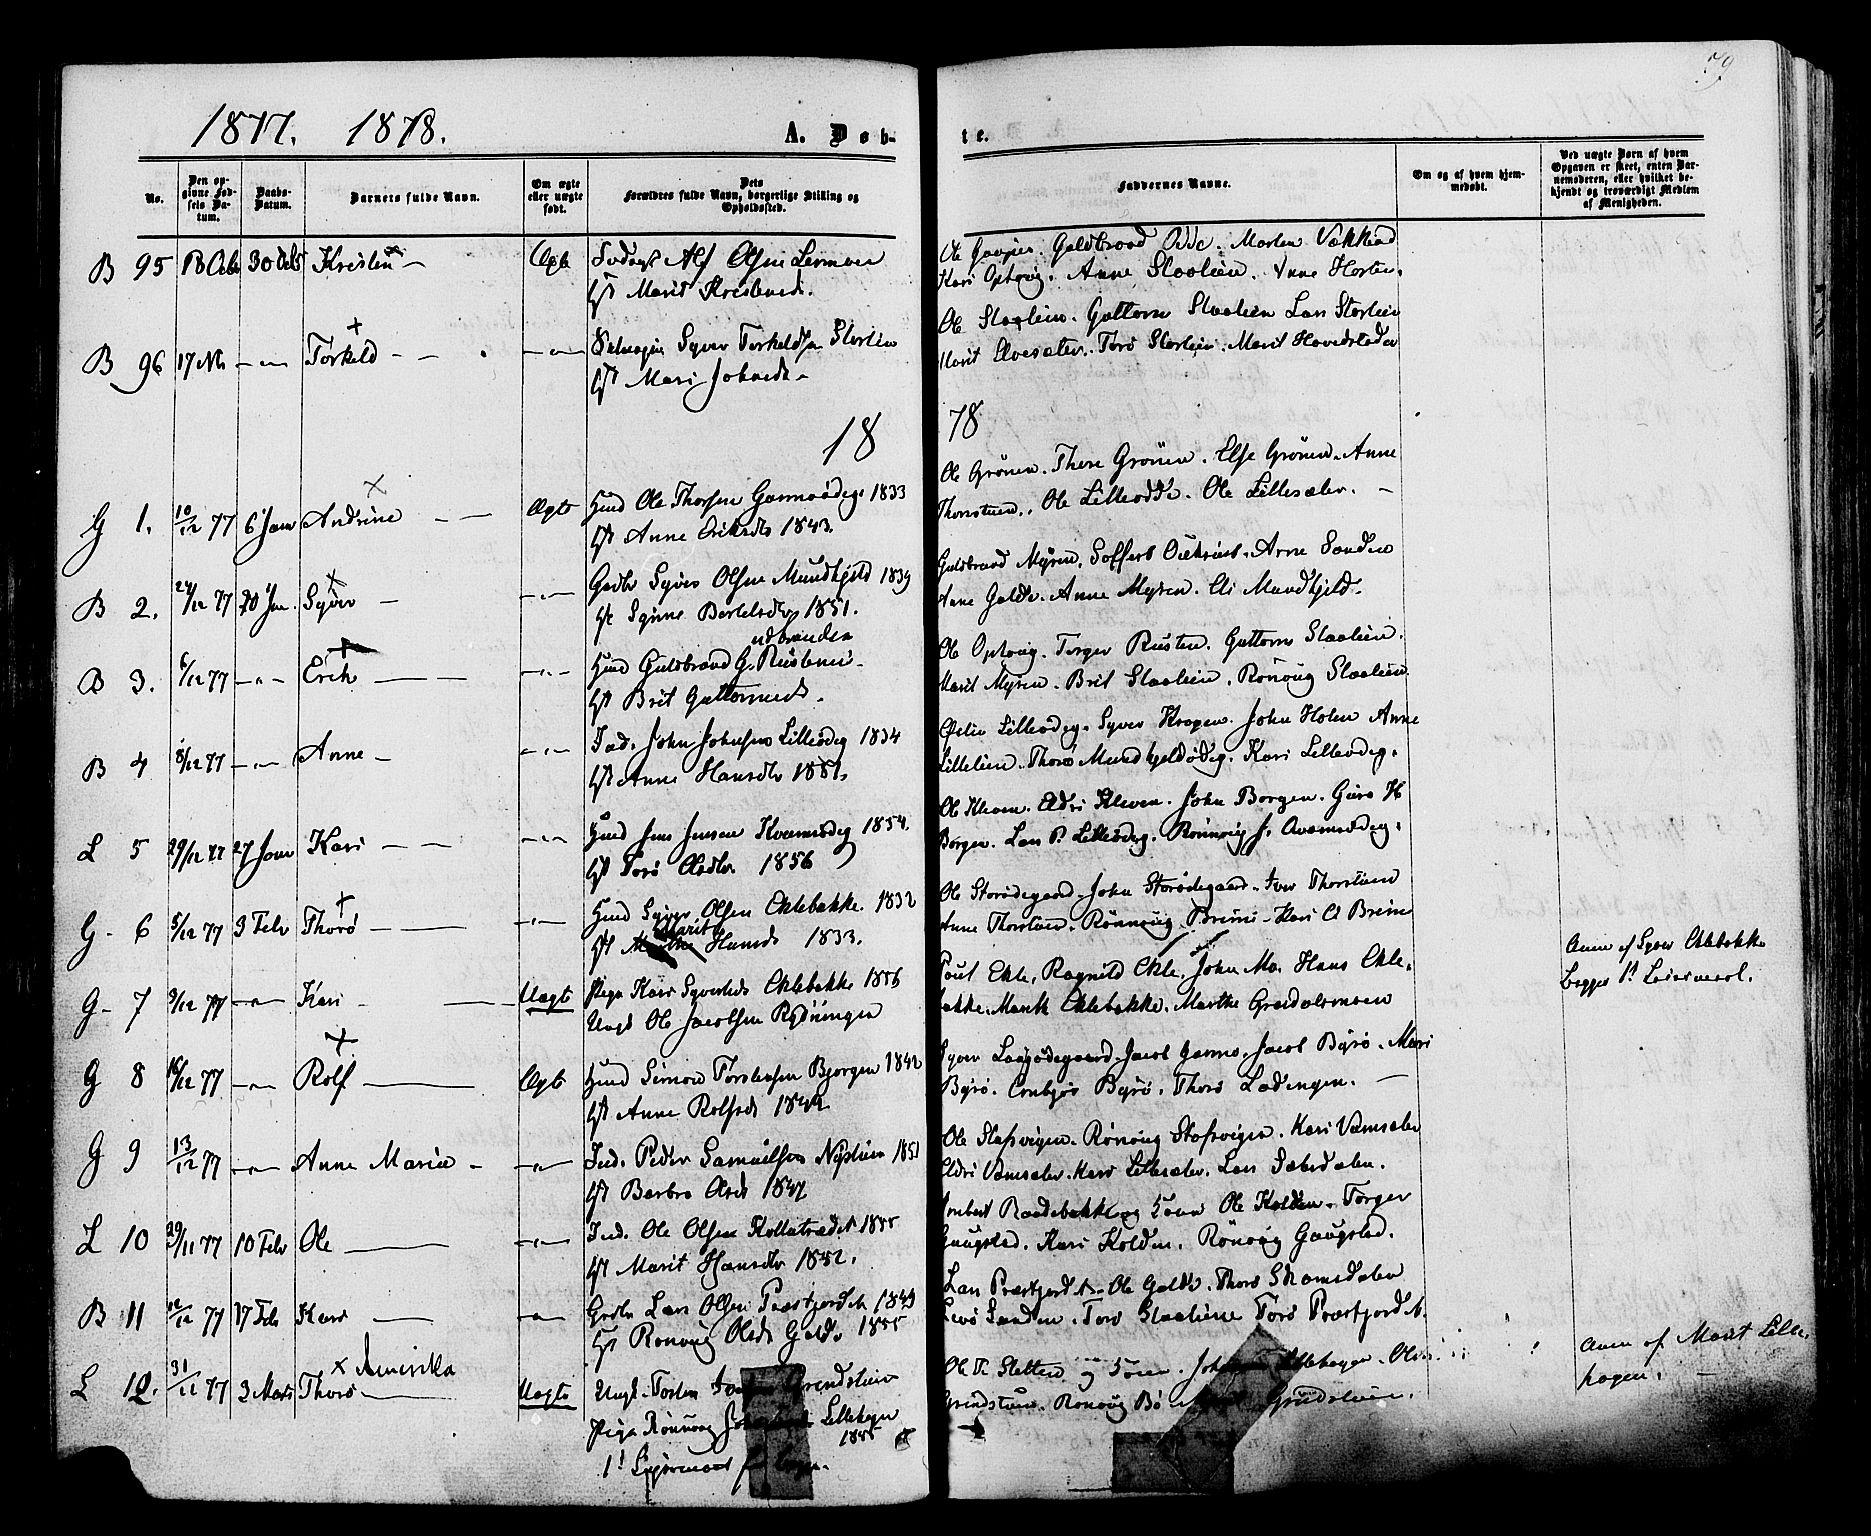 SAH, Lom prestekontor, K/L0007: Ministerialbok nr. 7, 1863-1884, s. 79